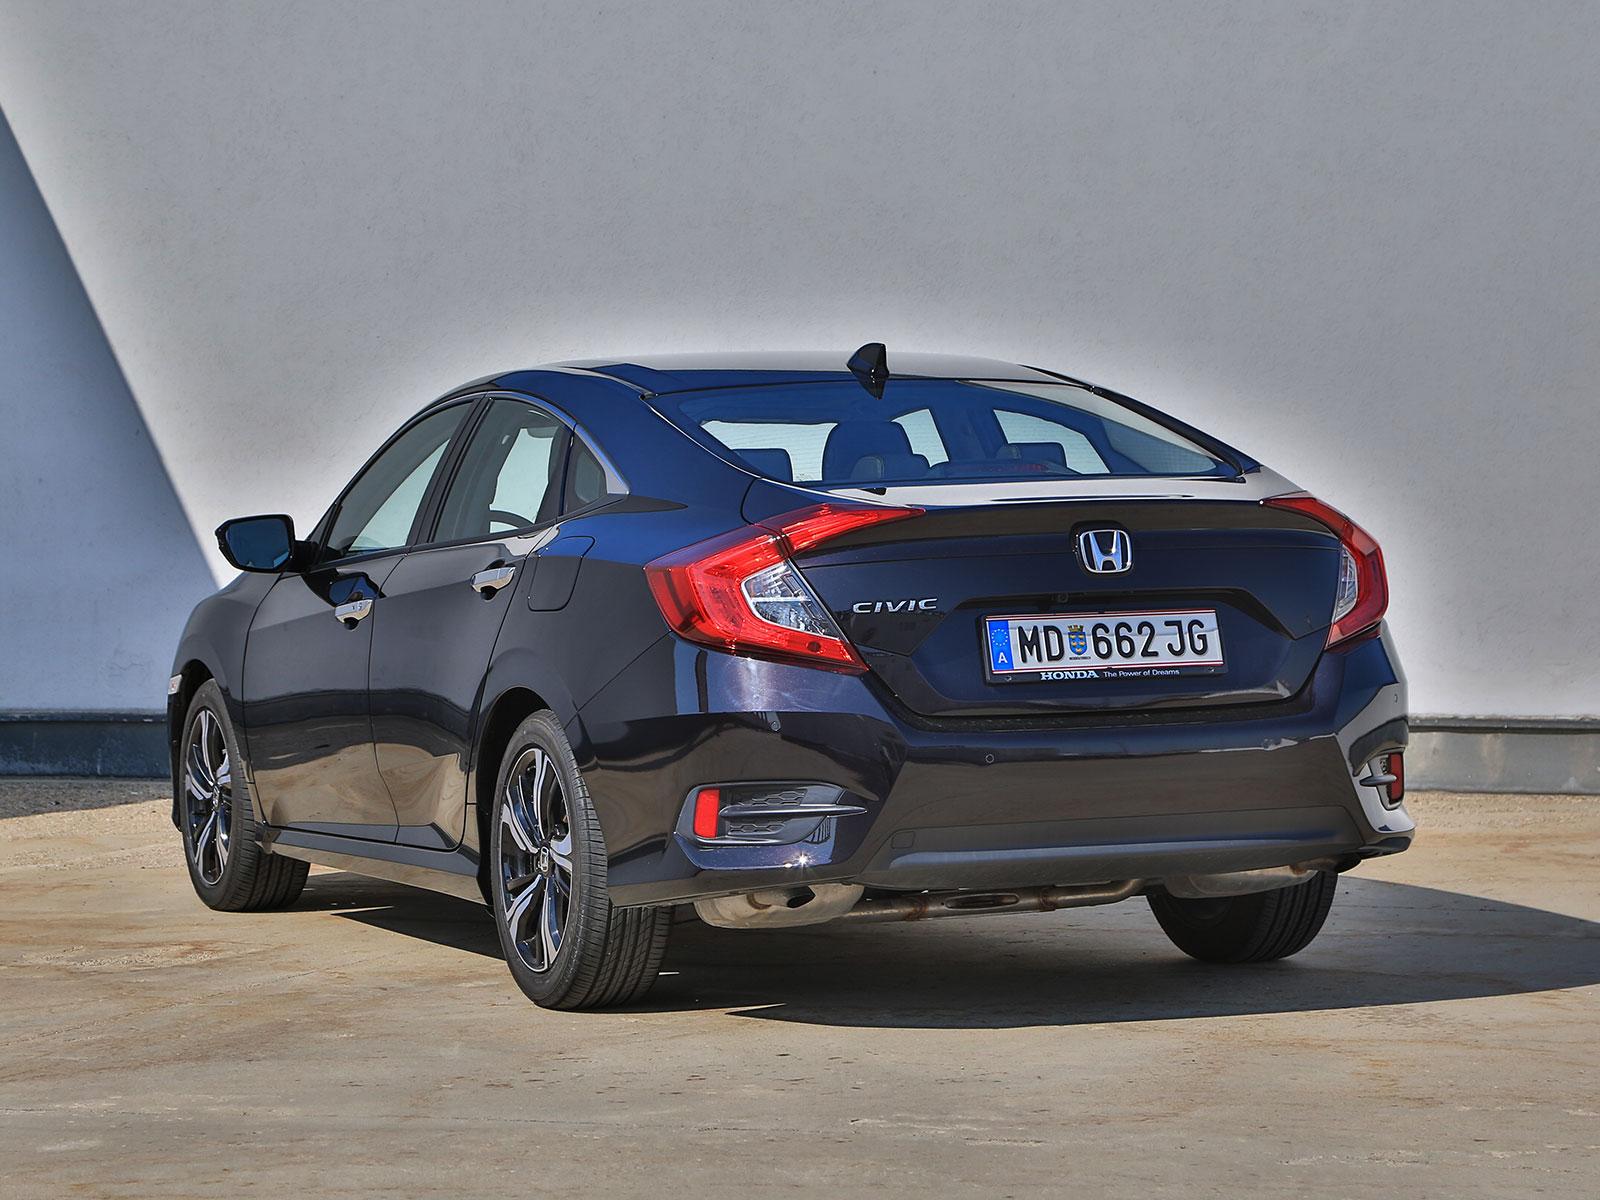 Honda Civic Limousine 15 Vtec Turbo Executive At Testbericht